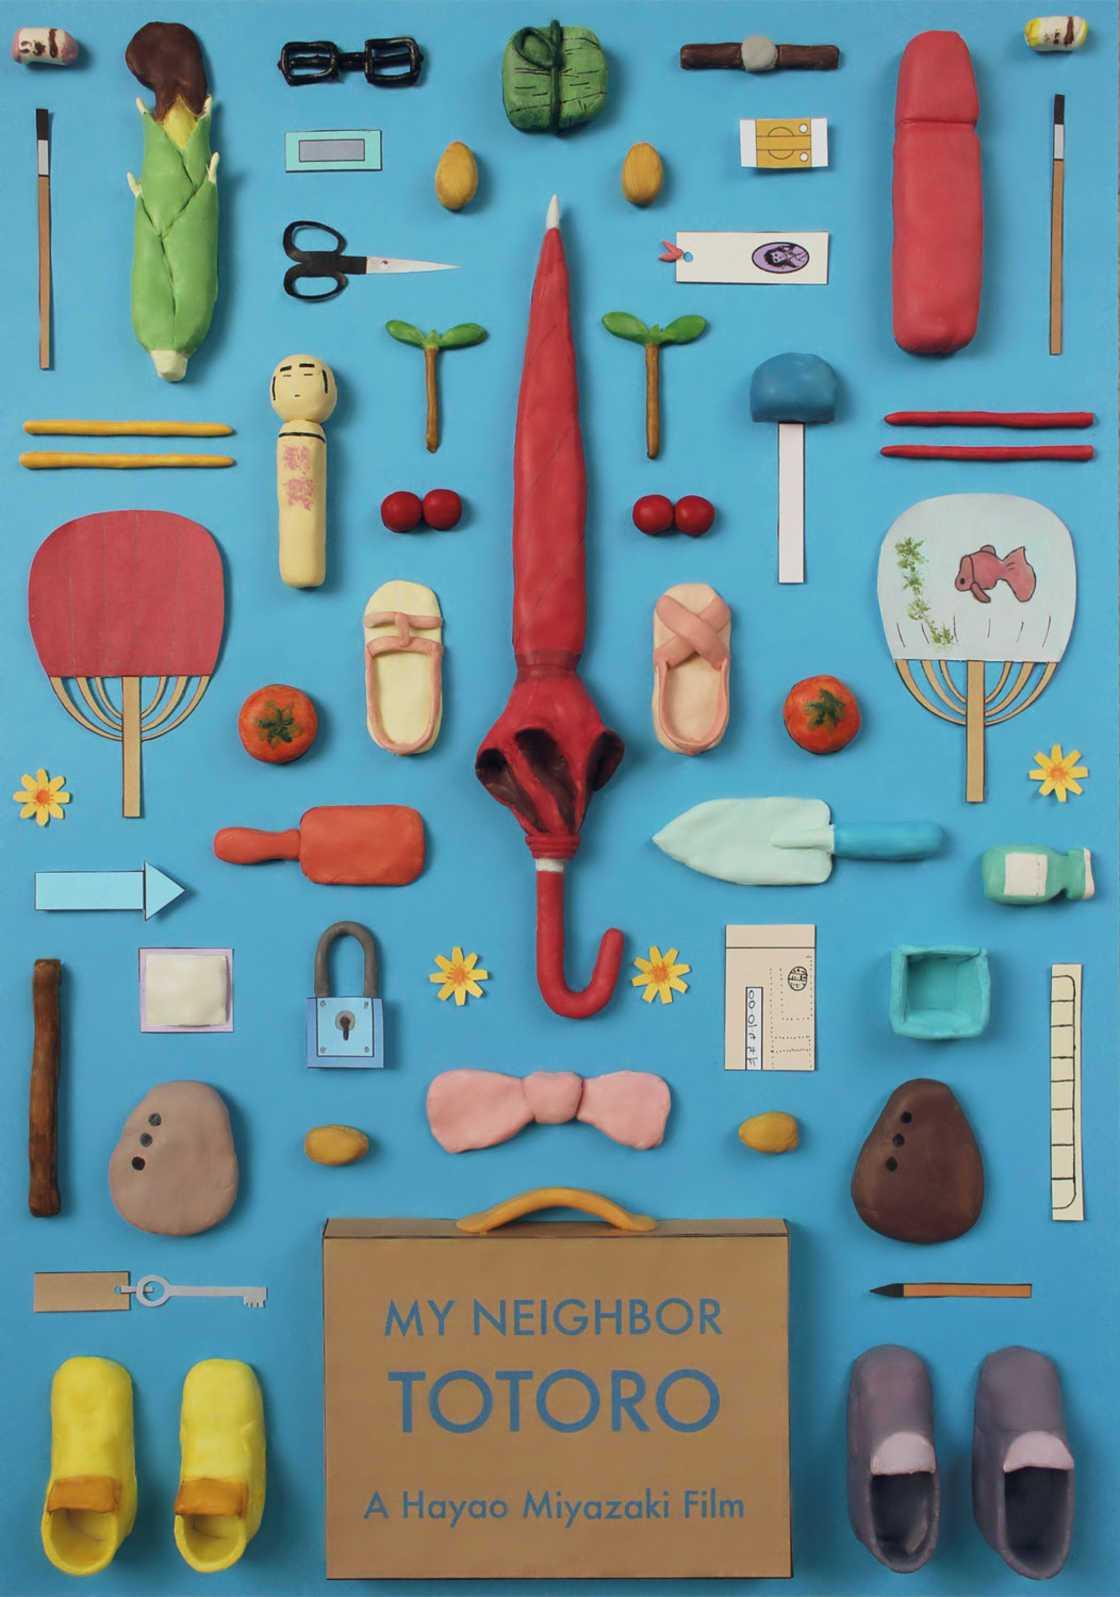 Objetos iconicos dos filmes de Miyazaki foram reunidos em cartazes